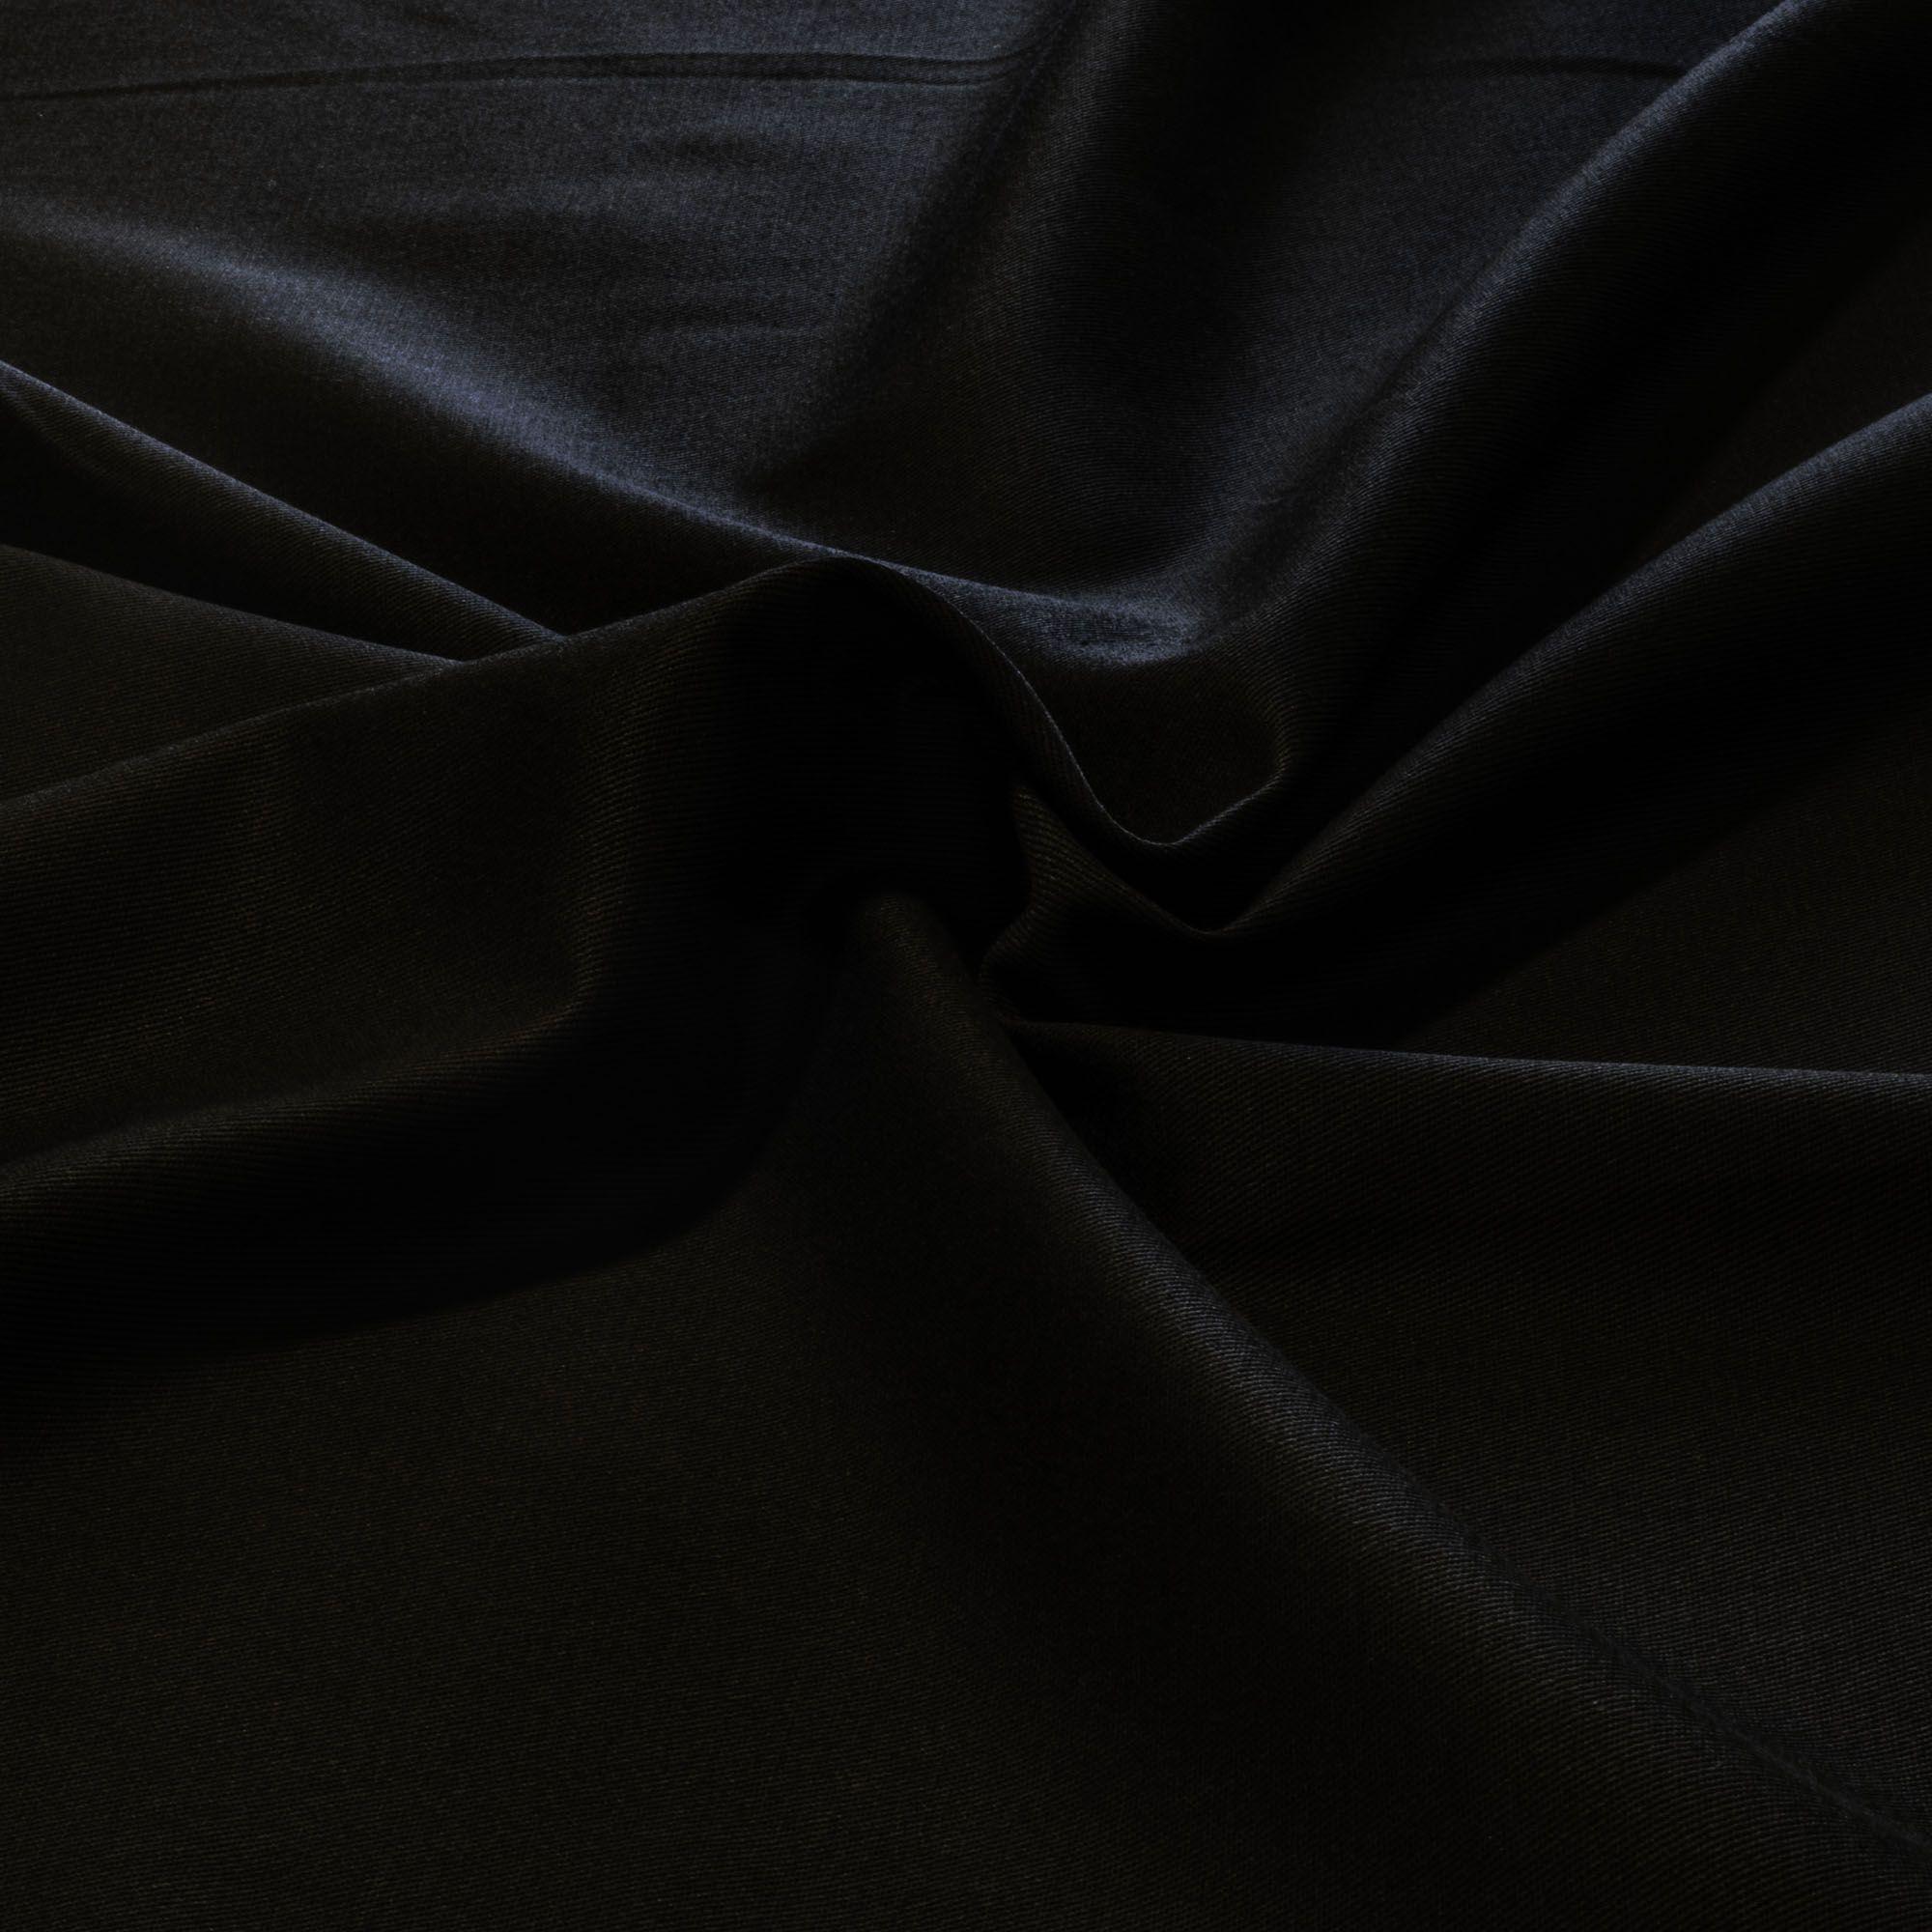 Tecido Brim Preto 100% Algodao 1,60 m Largura